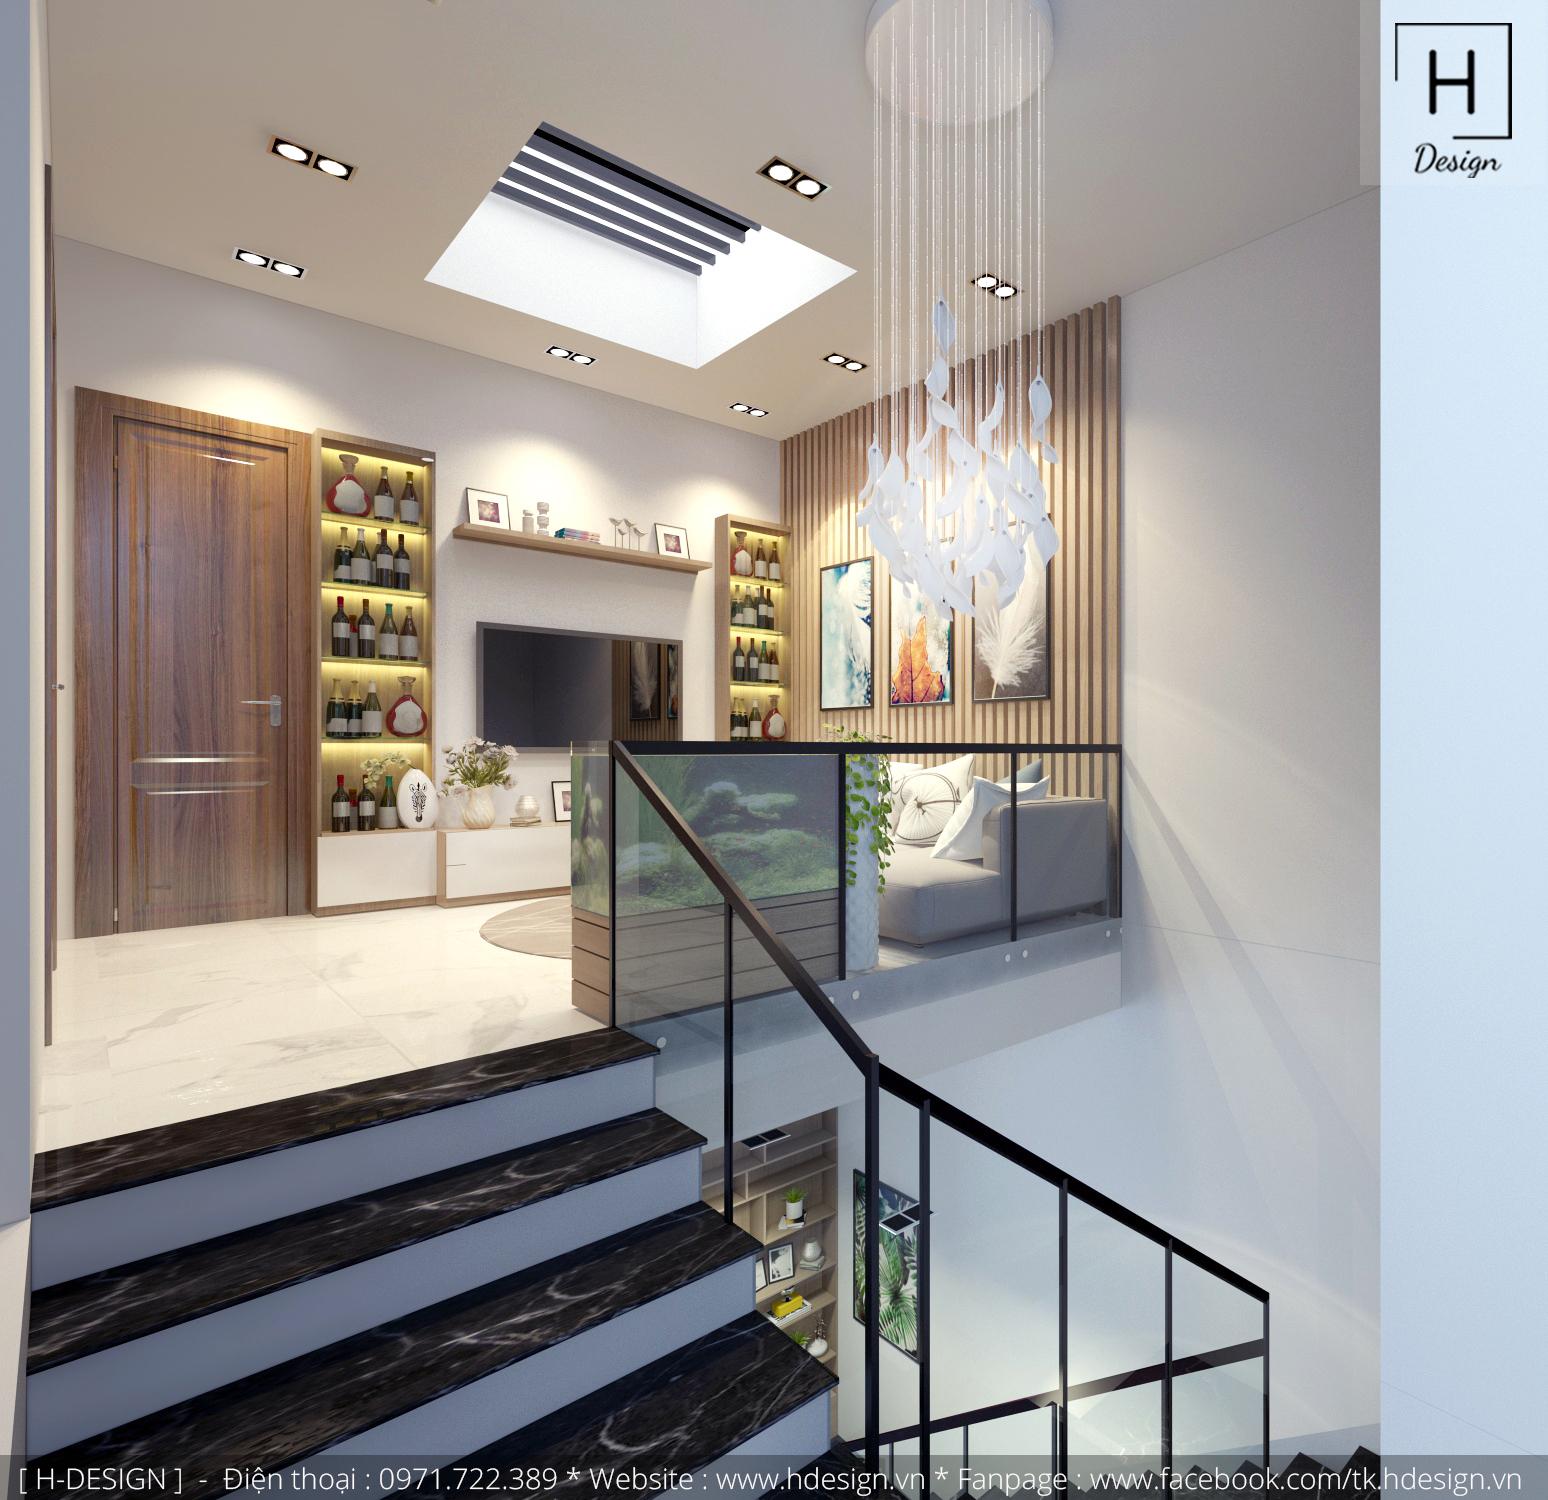 Thiết kế thi công nội thất nhà phố đẹp tại Mễ Trì - Hà Nội 17